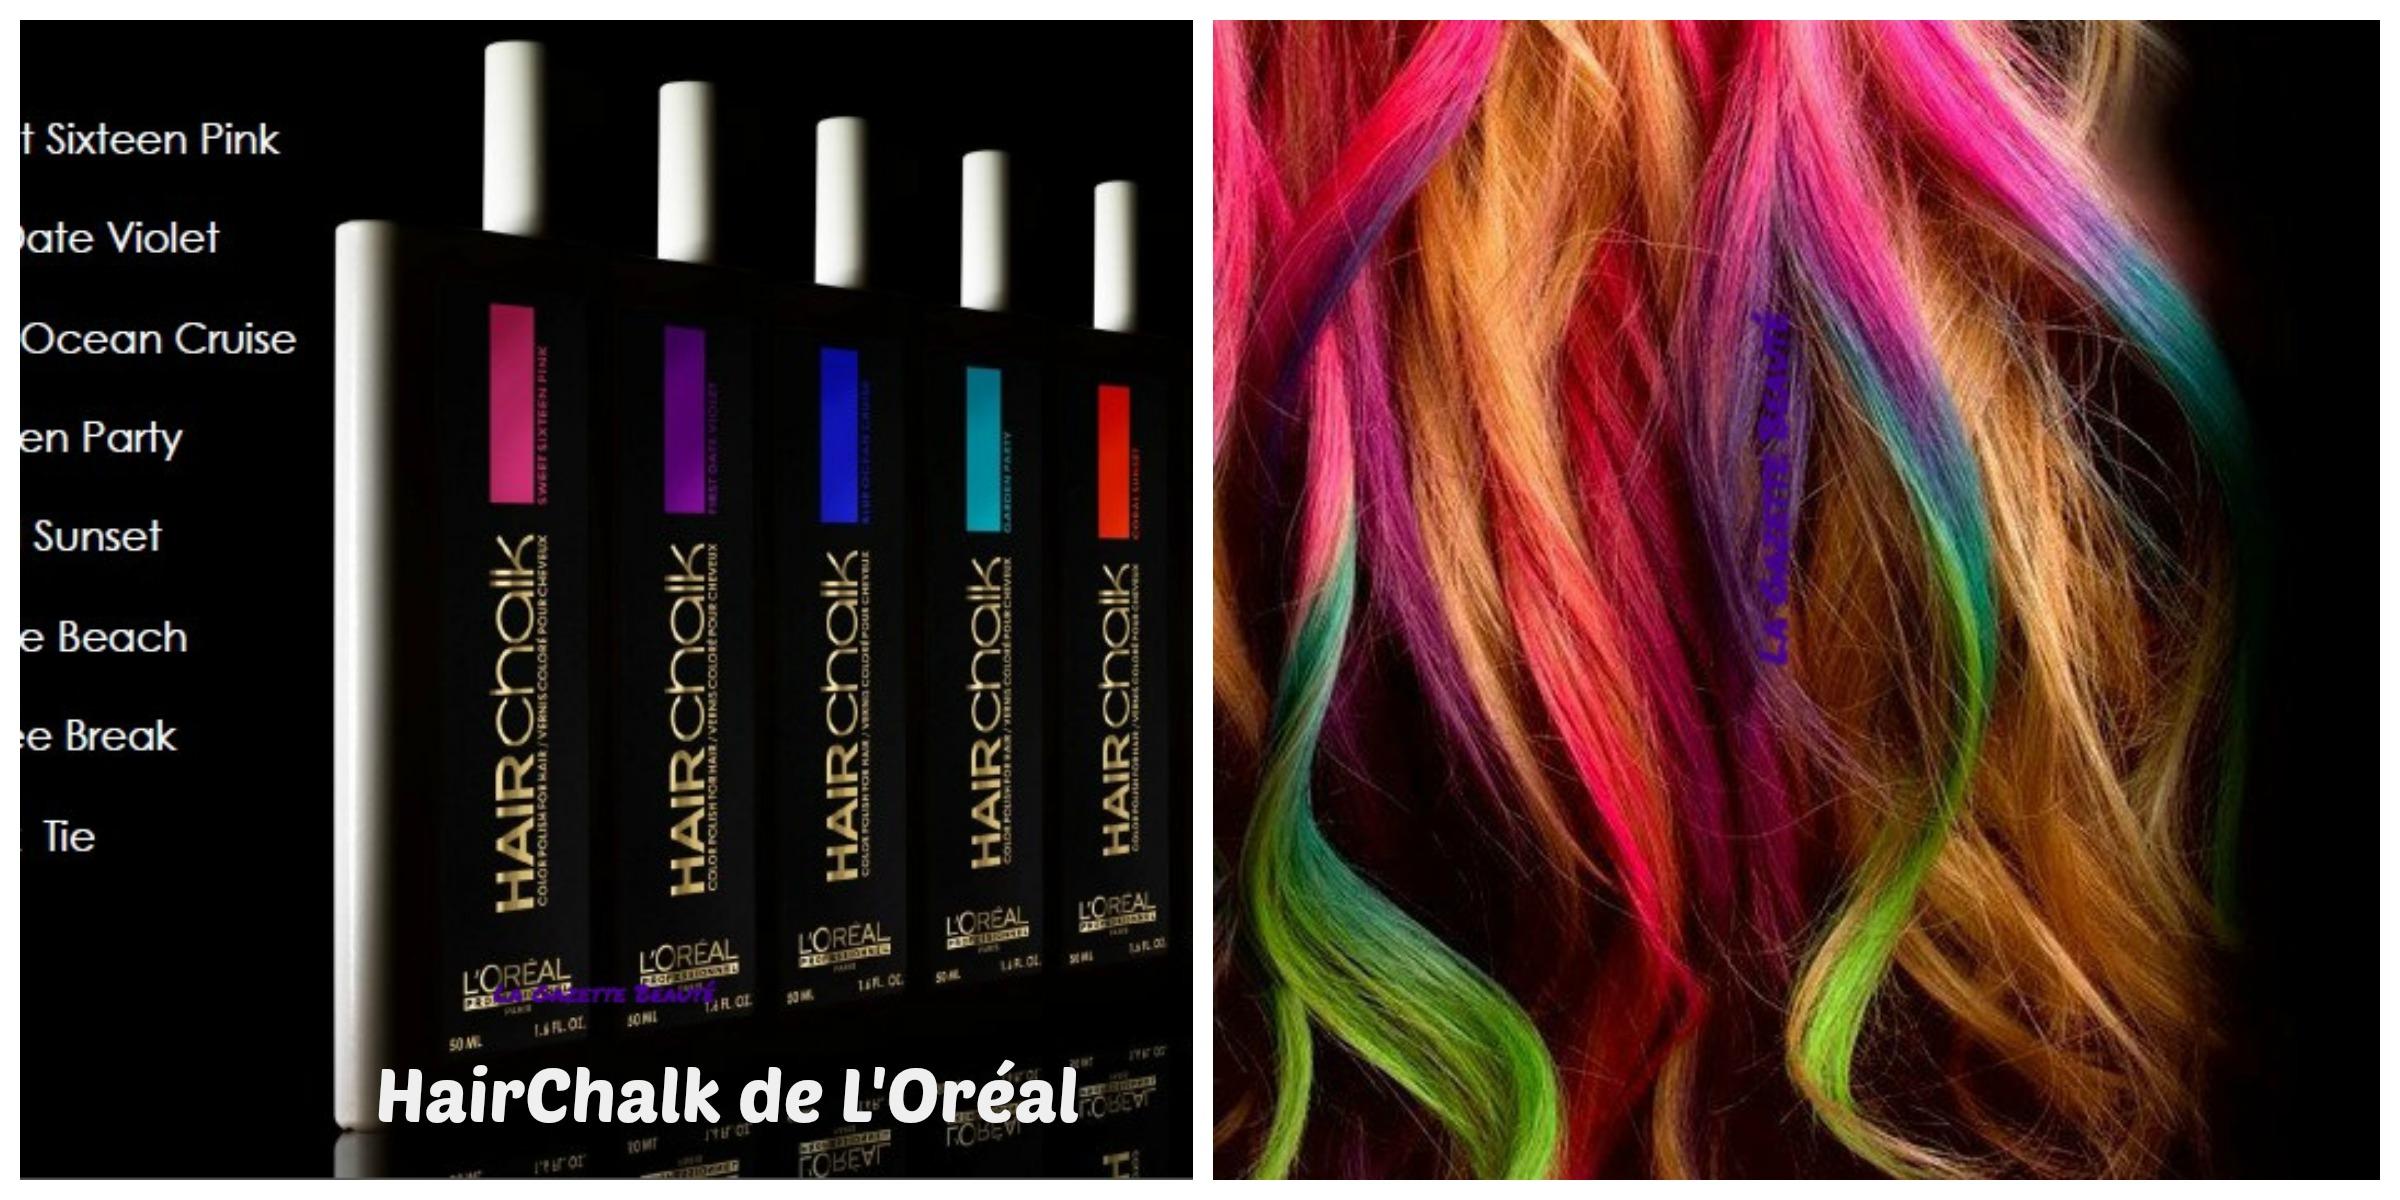 la coloration éphémère à la craie : le hair chalk